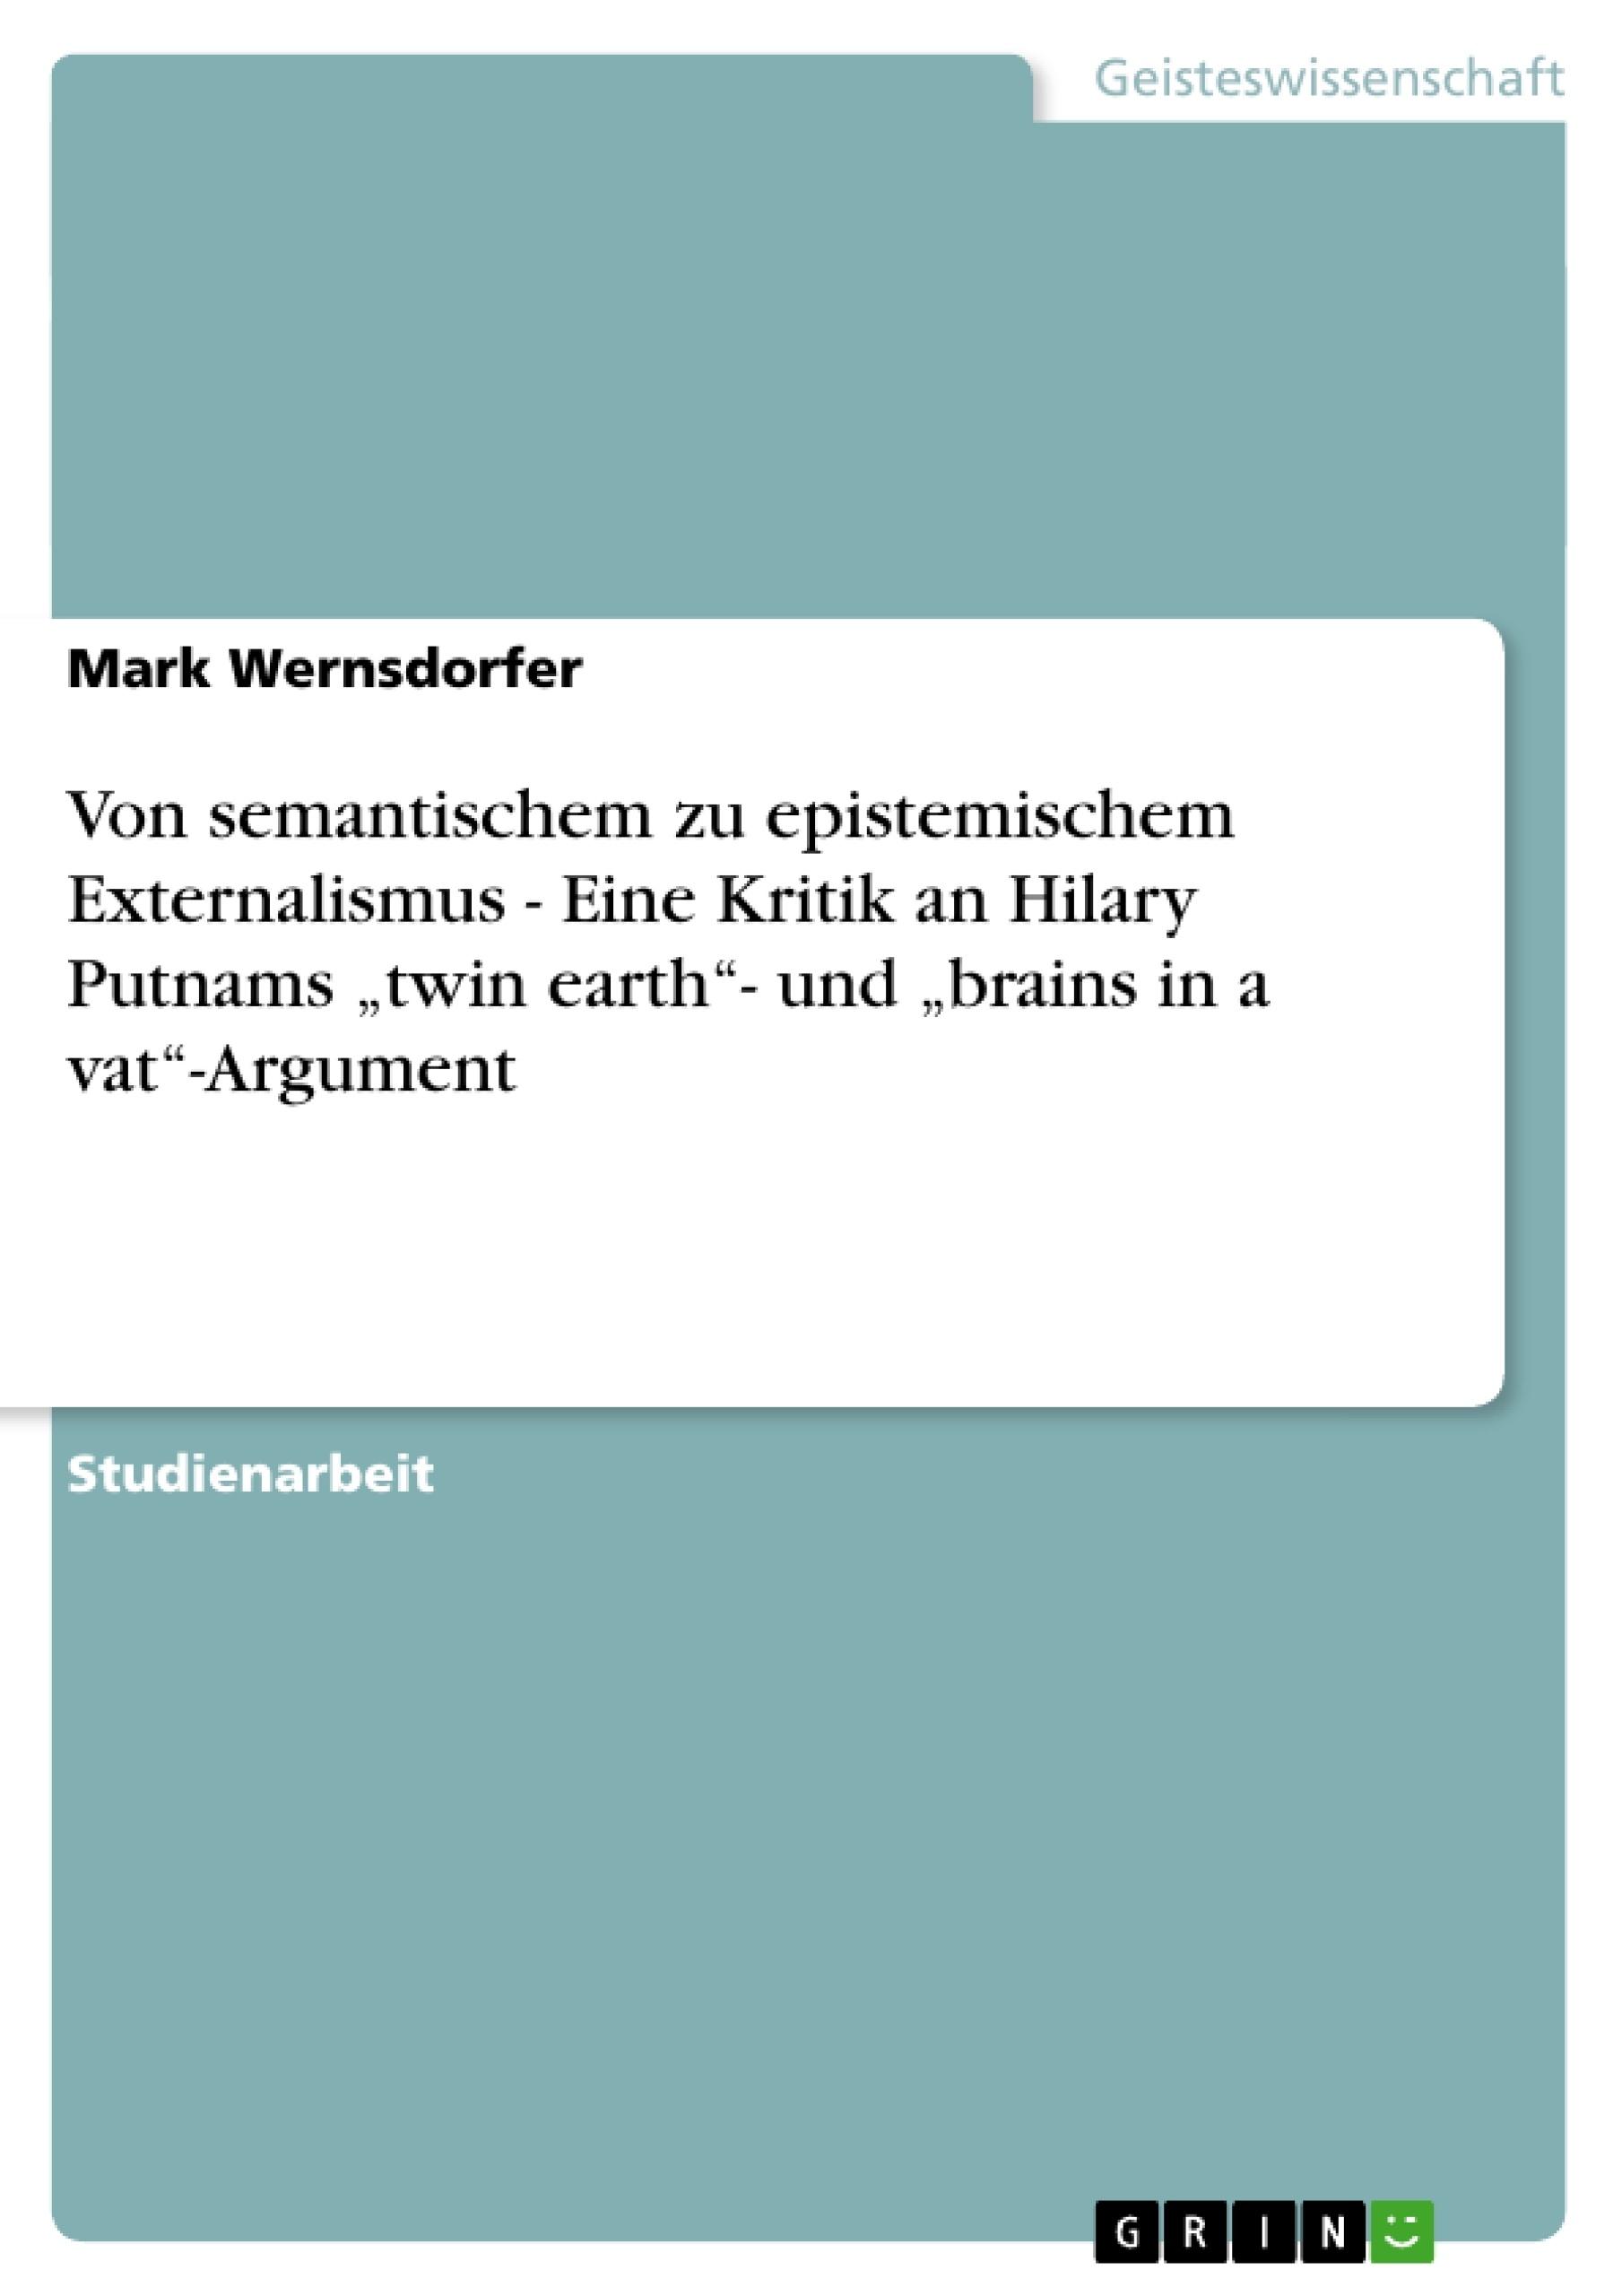 """Titel: Von semantischem zu epistemischem Externalismus - Eine Kritik an Hilary Putnams """"twin earth""""- und """"brains in a vat""""-Argument"""